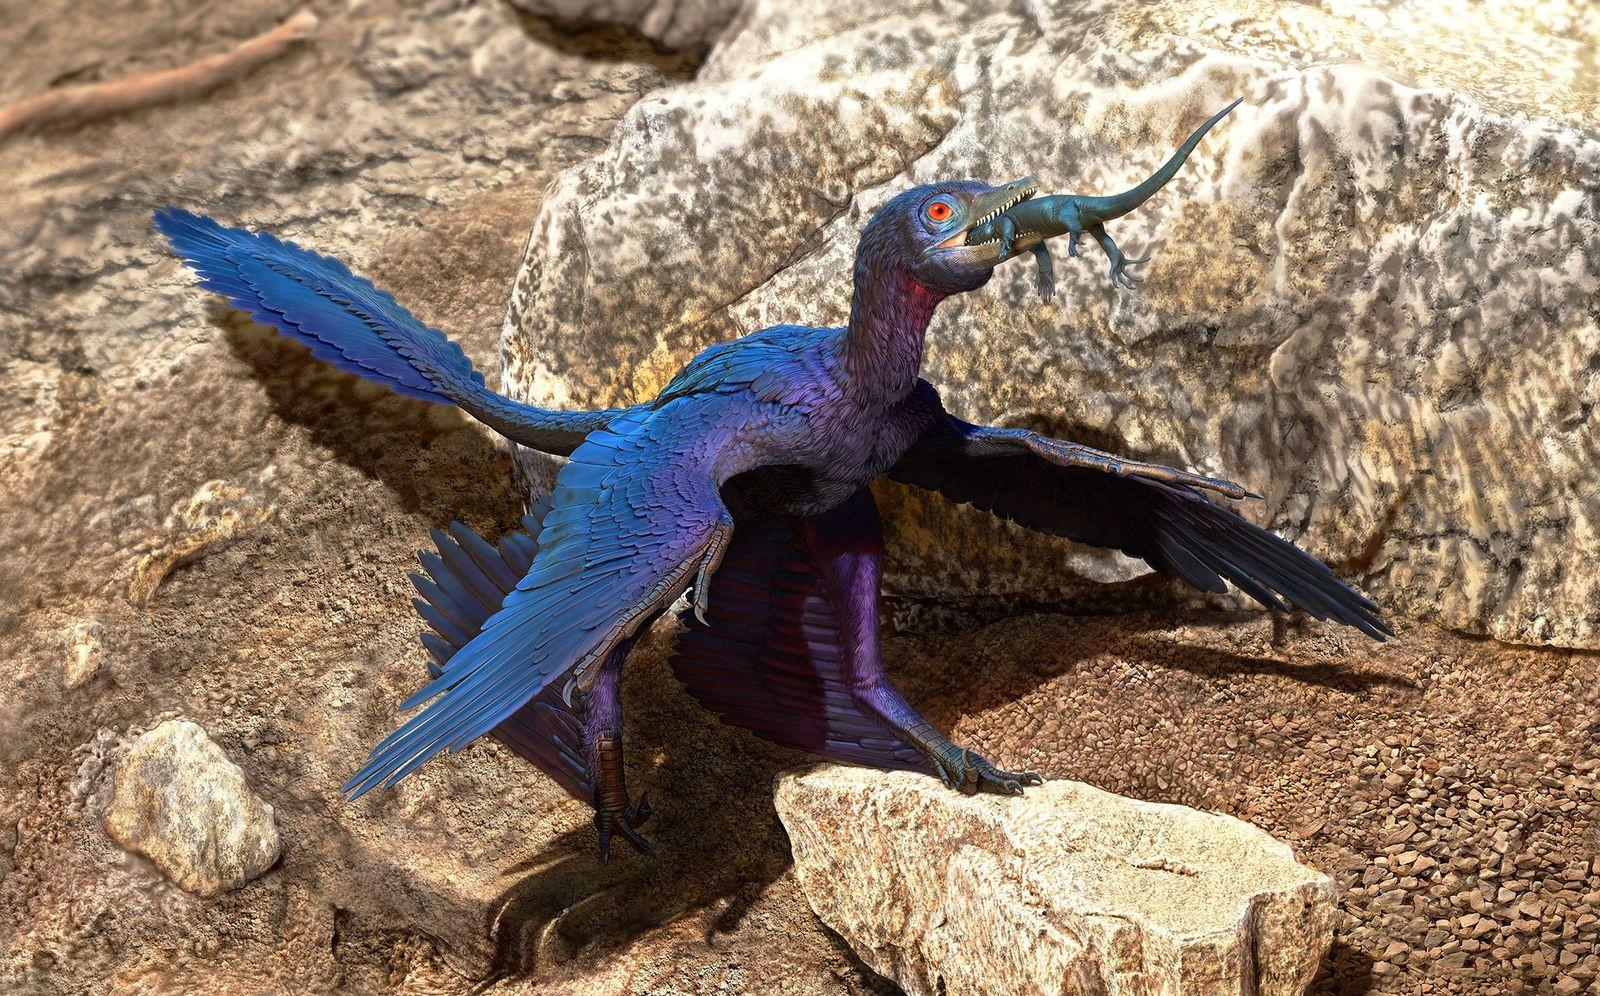 Réptil raro foi a última refeição de dinossauro de quatro asas, revela fóssil de 130 milhões ...